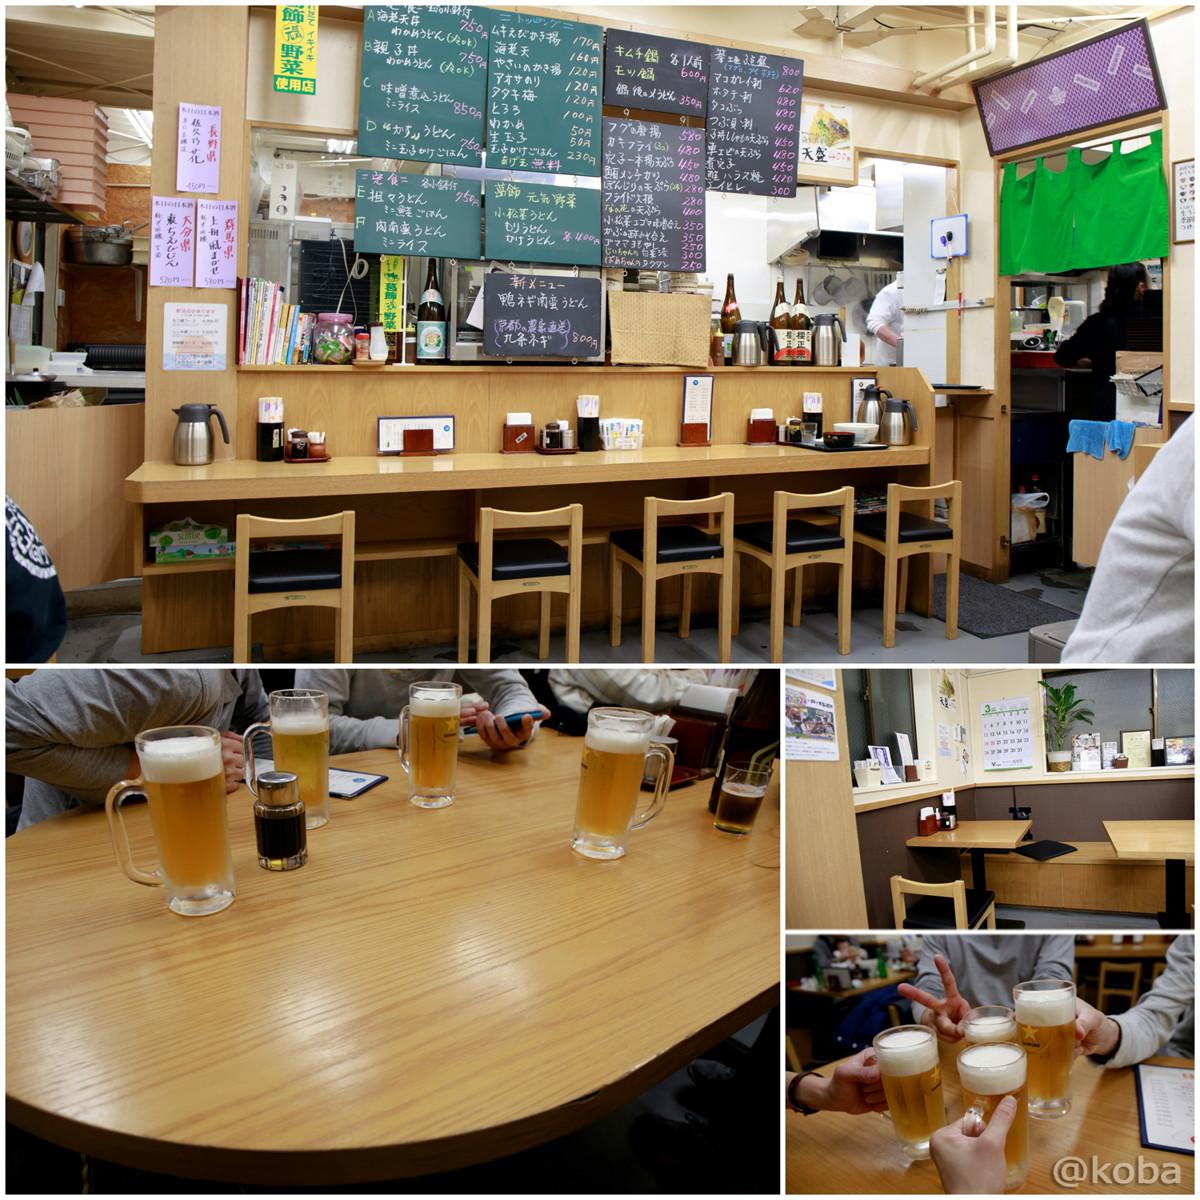 内観の写真 カウンター席とテーブル席,サッポロ生(黒ラベル)で乾杯~♪ - 東京,葛飾区,東立石,四ツ木製麺所(よつぎせいめんじょ)うどん屋,呑み歩き│こばフォトブログ